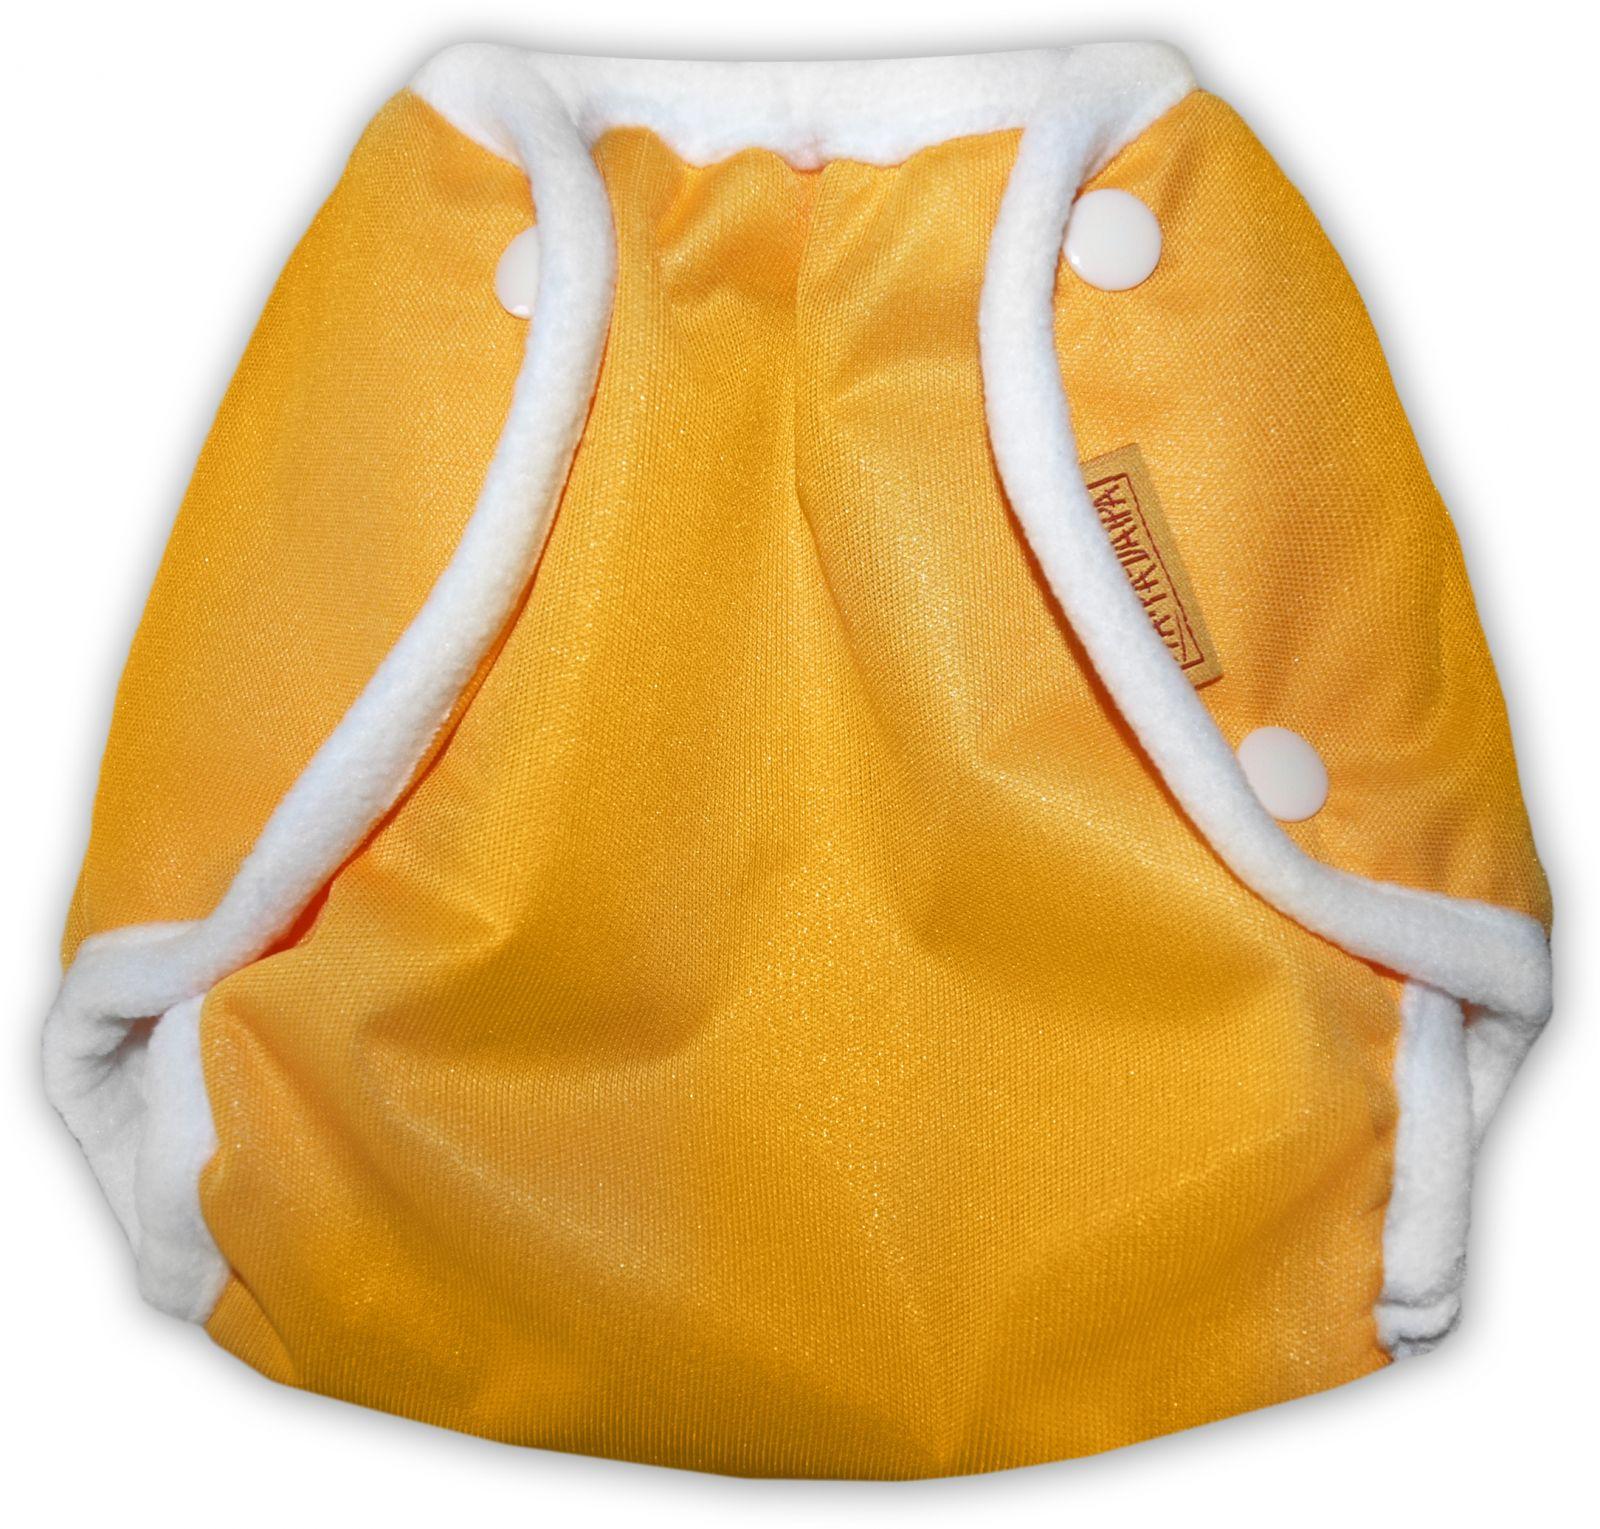 Nepromkovavé svrchní kalhotky na látkové pleny pul, oranžové xl 12-18kg